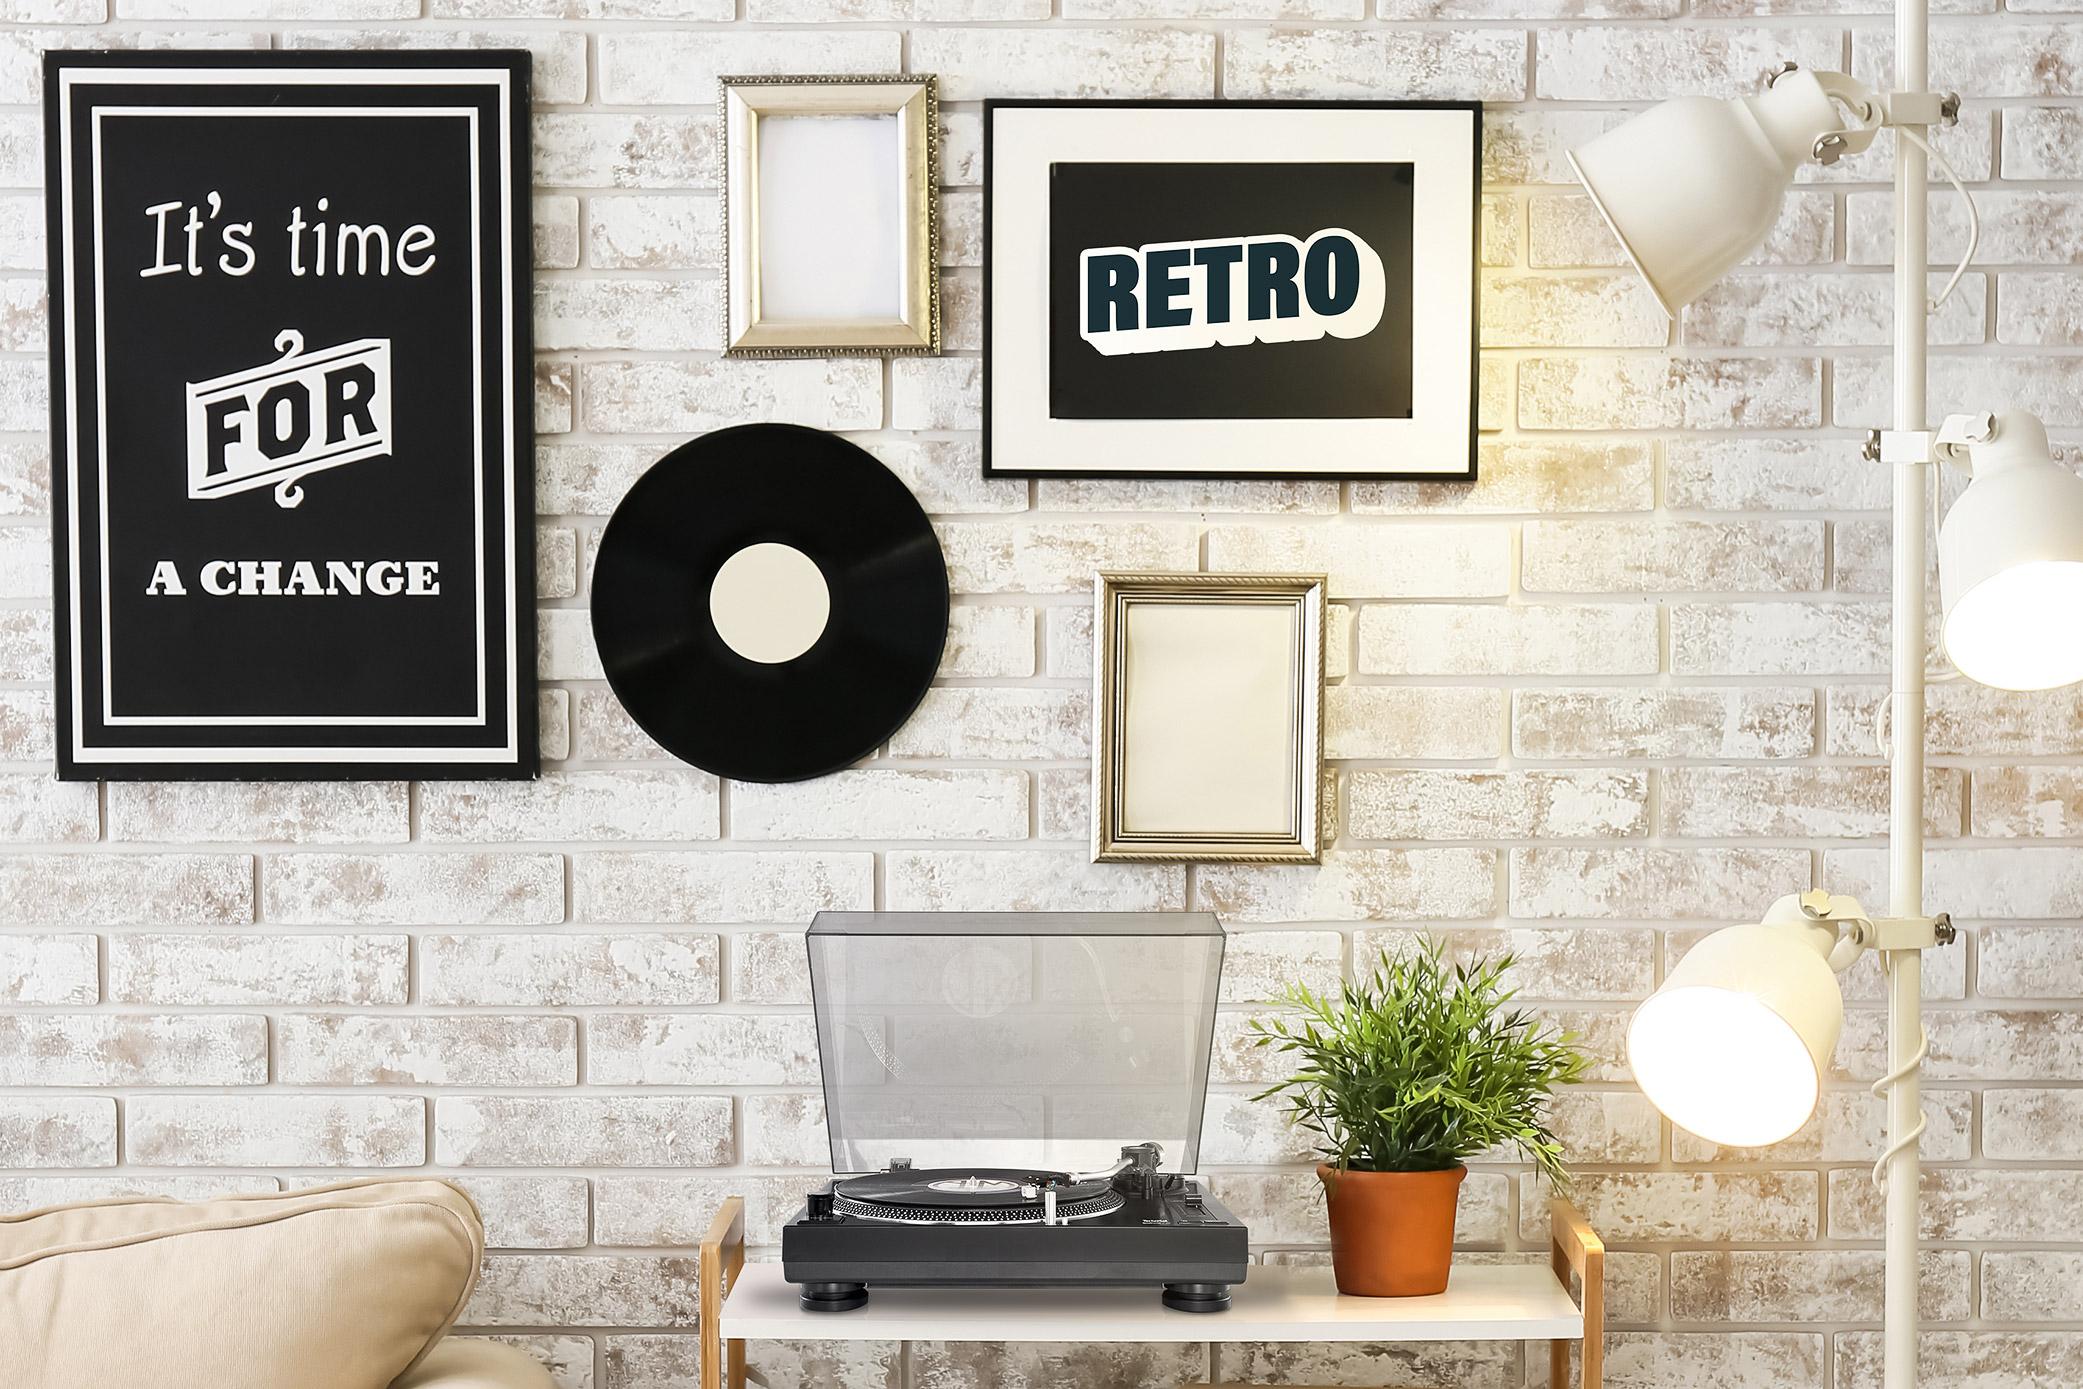 Retro Plattenspieler sind voll im Trend